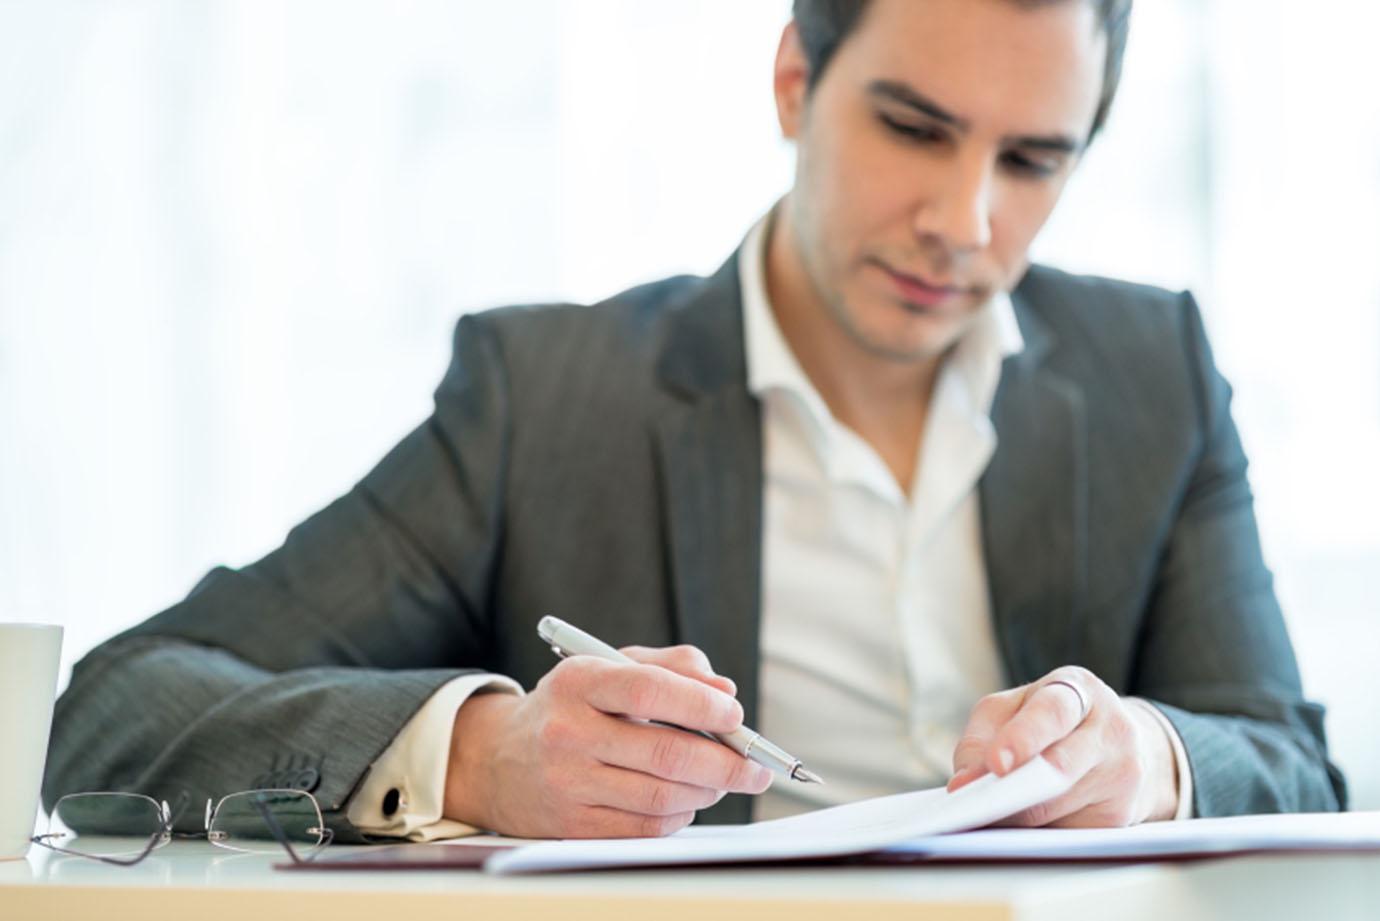 Memiliki Surat Izin Usaha Perdagangan (SIUP) dan Tanda Daftar Perusahaan (TDP) - Inilah Persyaratan Buat PT Baru yang Harus Dipenuhi Pengusaha - destinonegocio.com